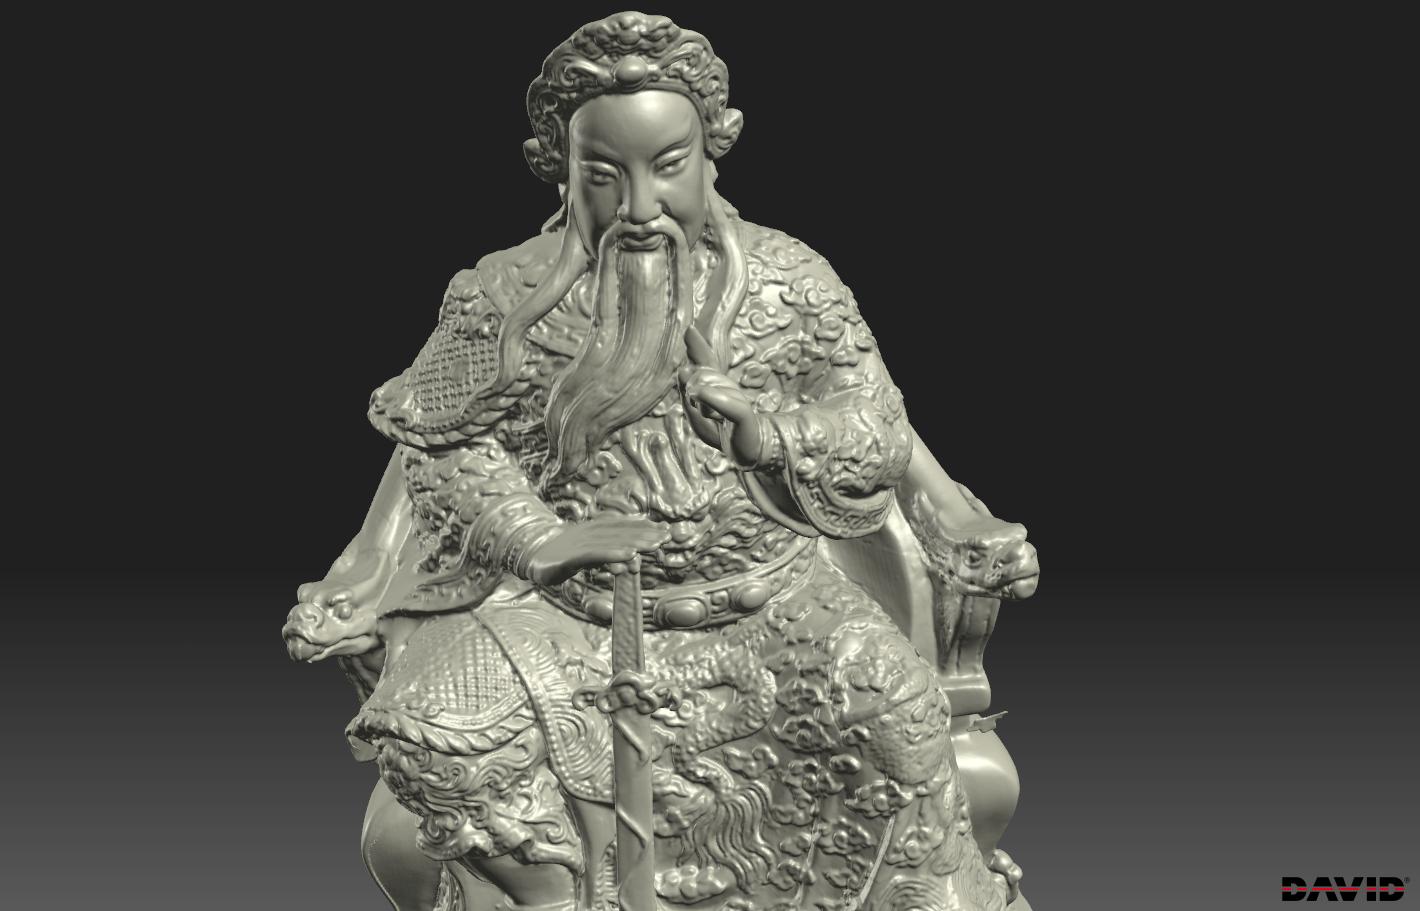 3D Scan เจ้าพ่อเสือ เพื่องานพิมพ์ 3มิติ